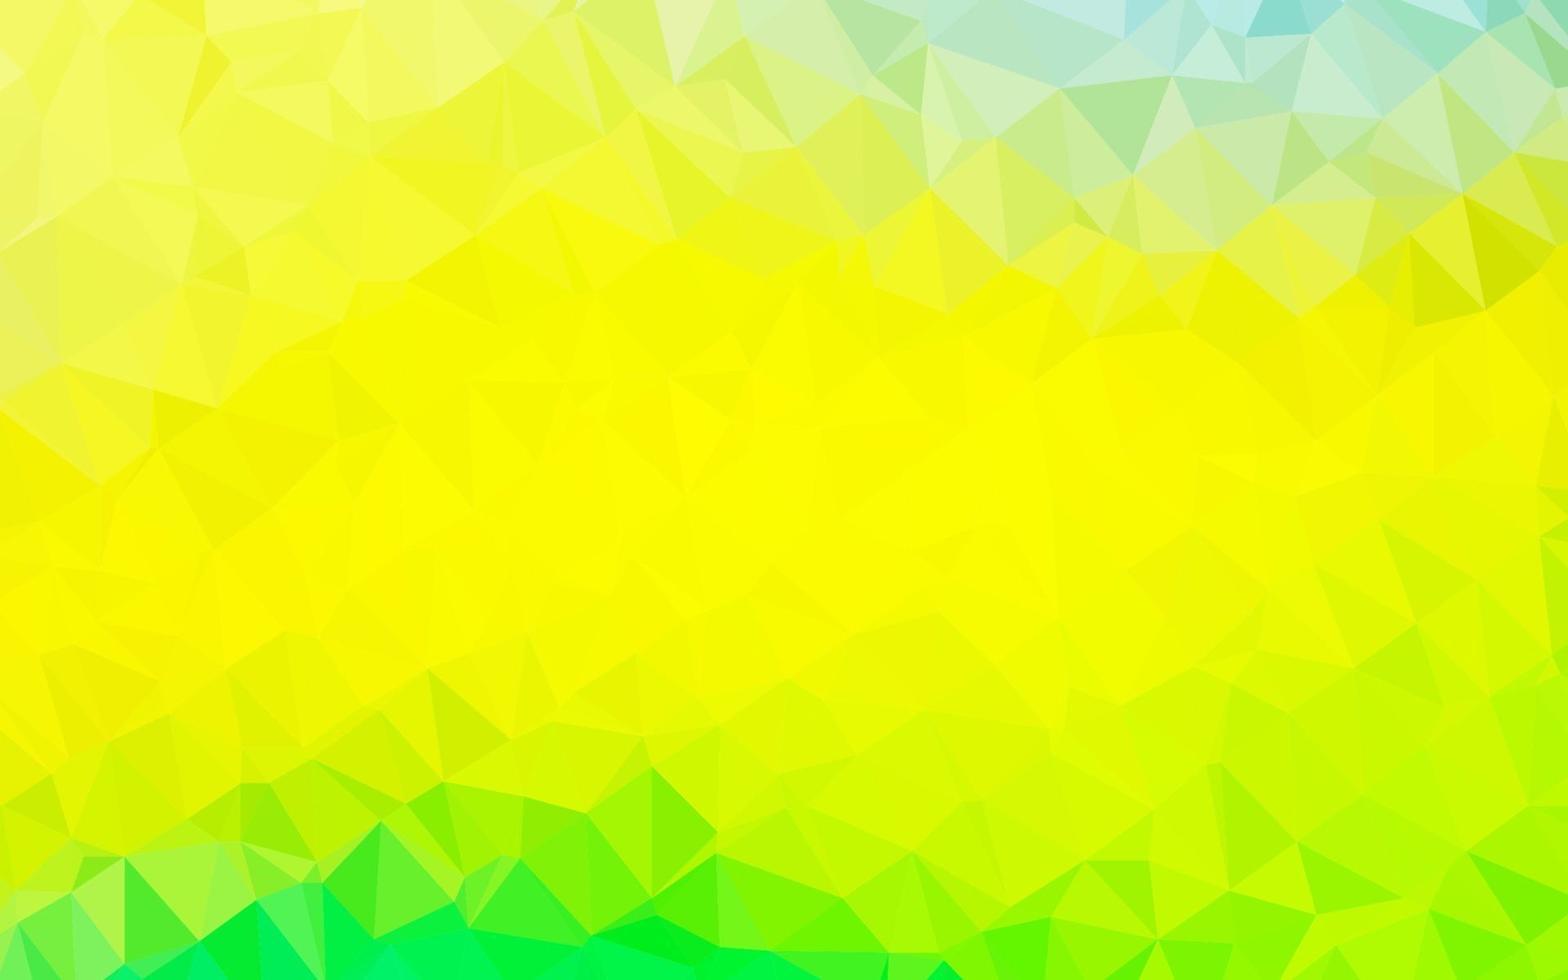 luz verde e amarelo padrão de triângulo embaçado de vetor. vetor